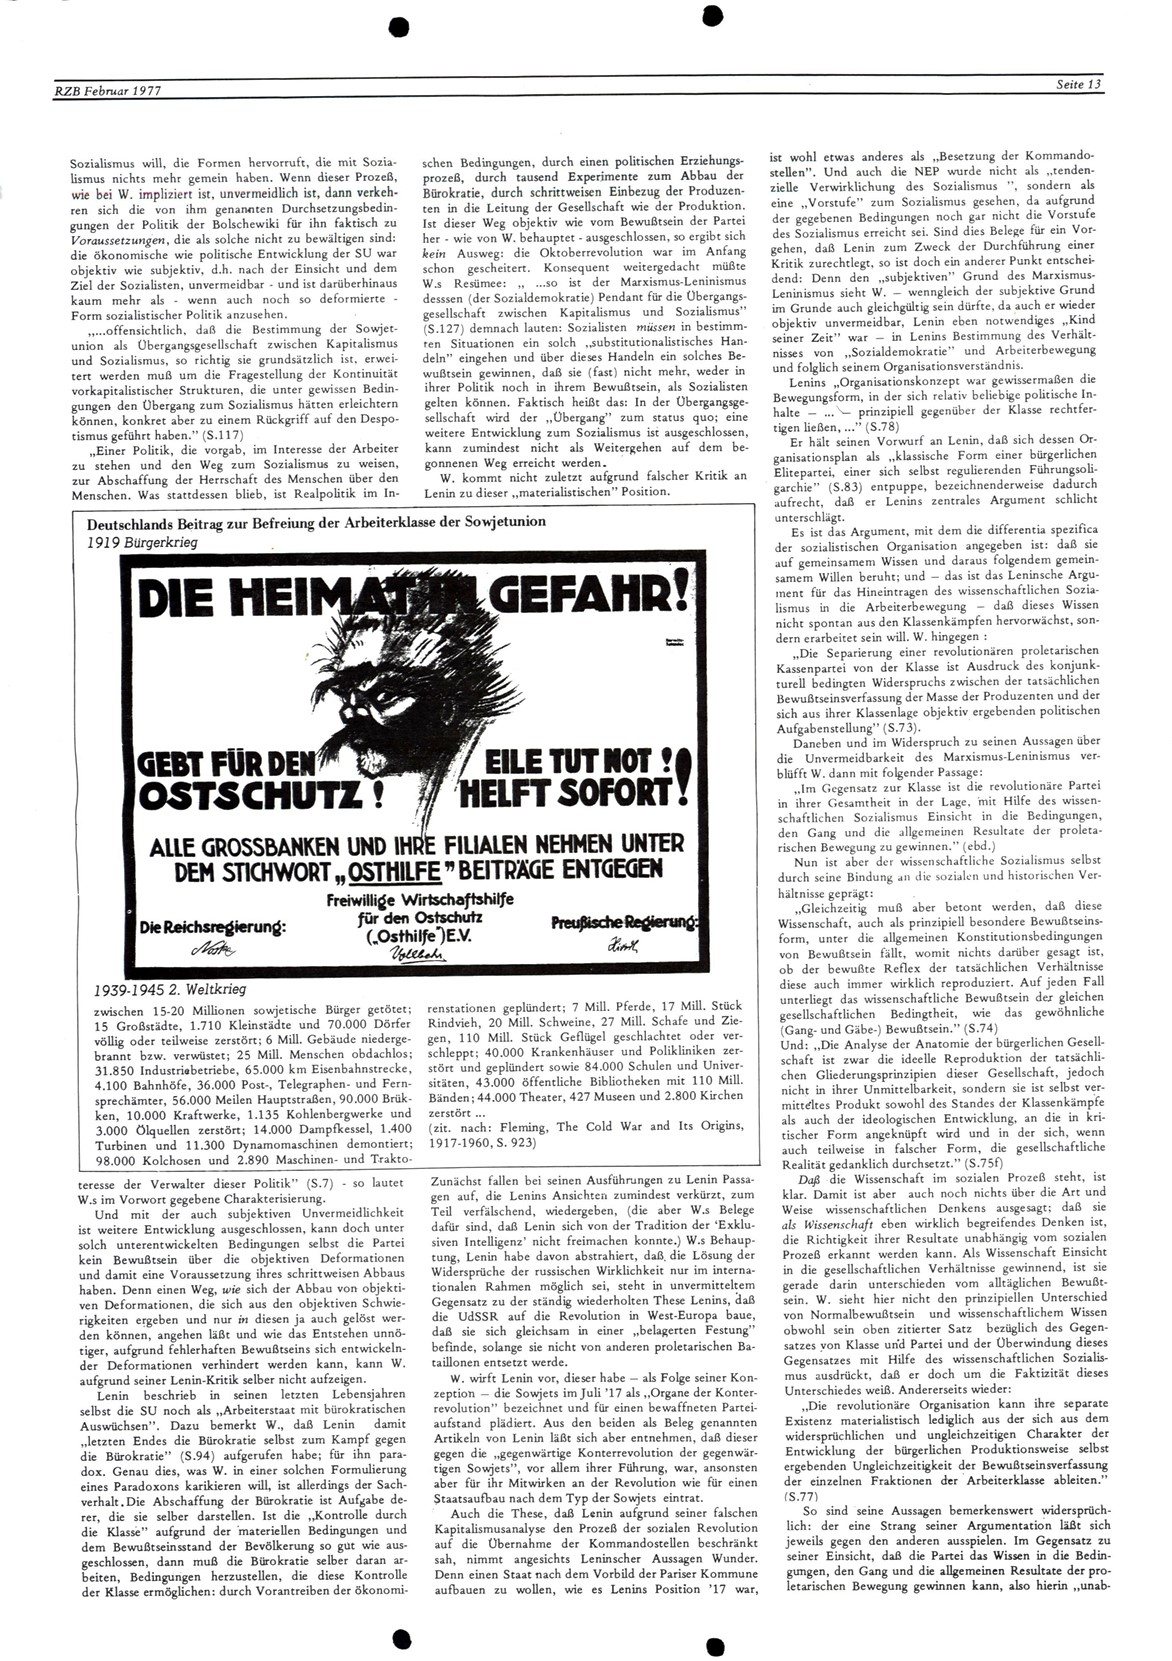 Bonn_RZ_07_08_19770200_13